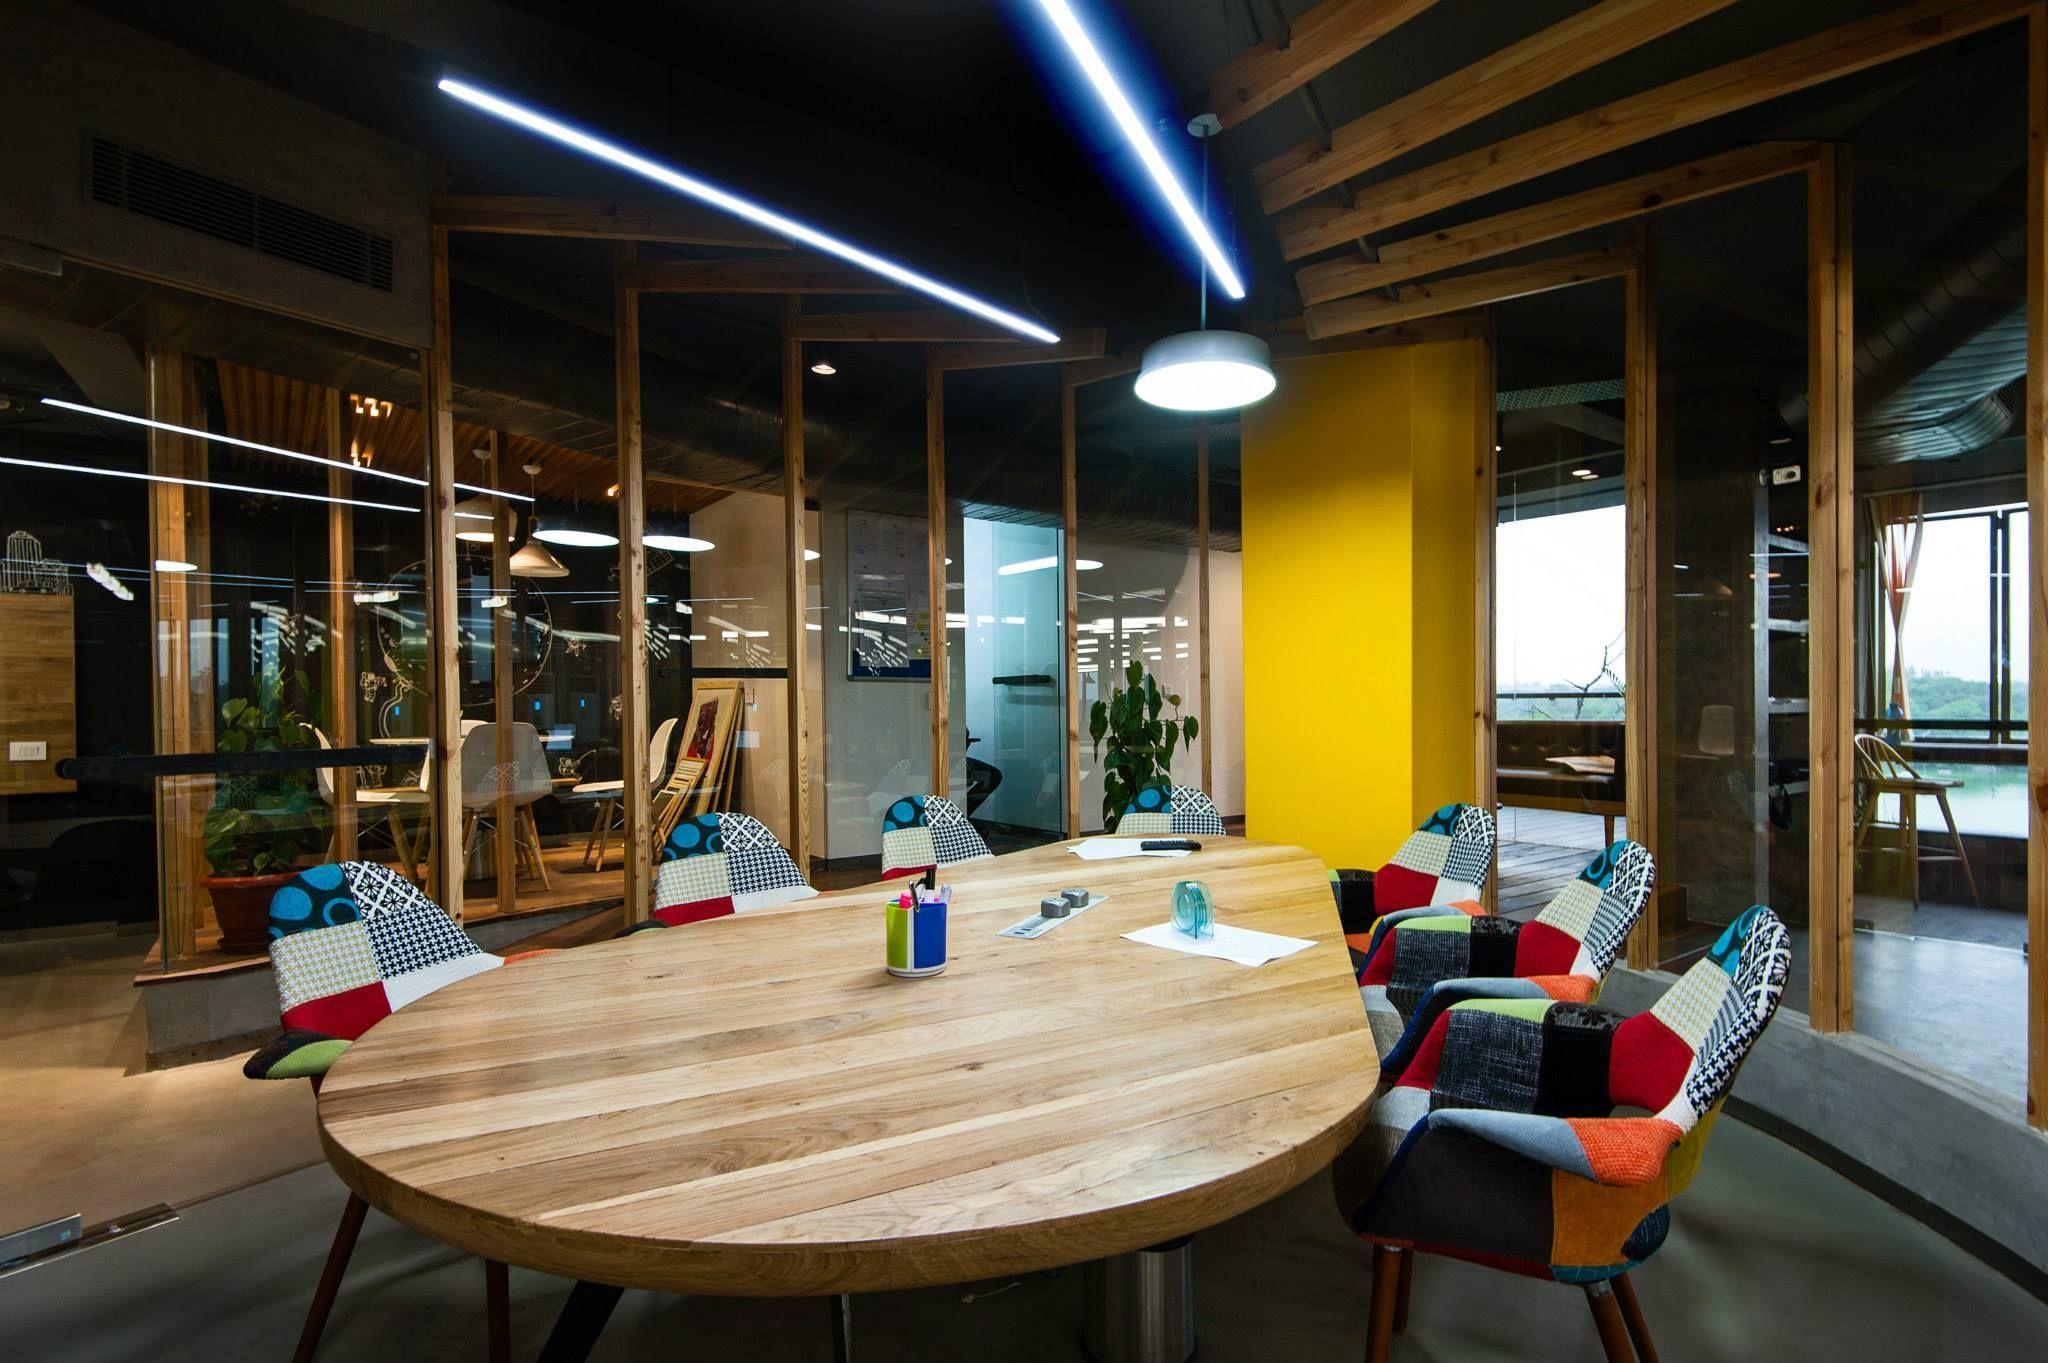 Pin von Housing India auf Housing\'s Delhi Design Office | Pinterest